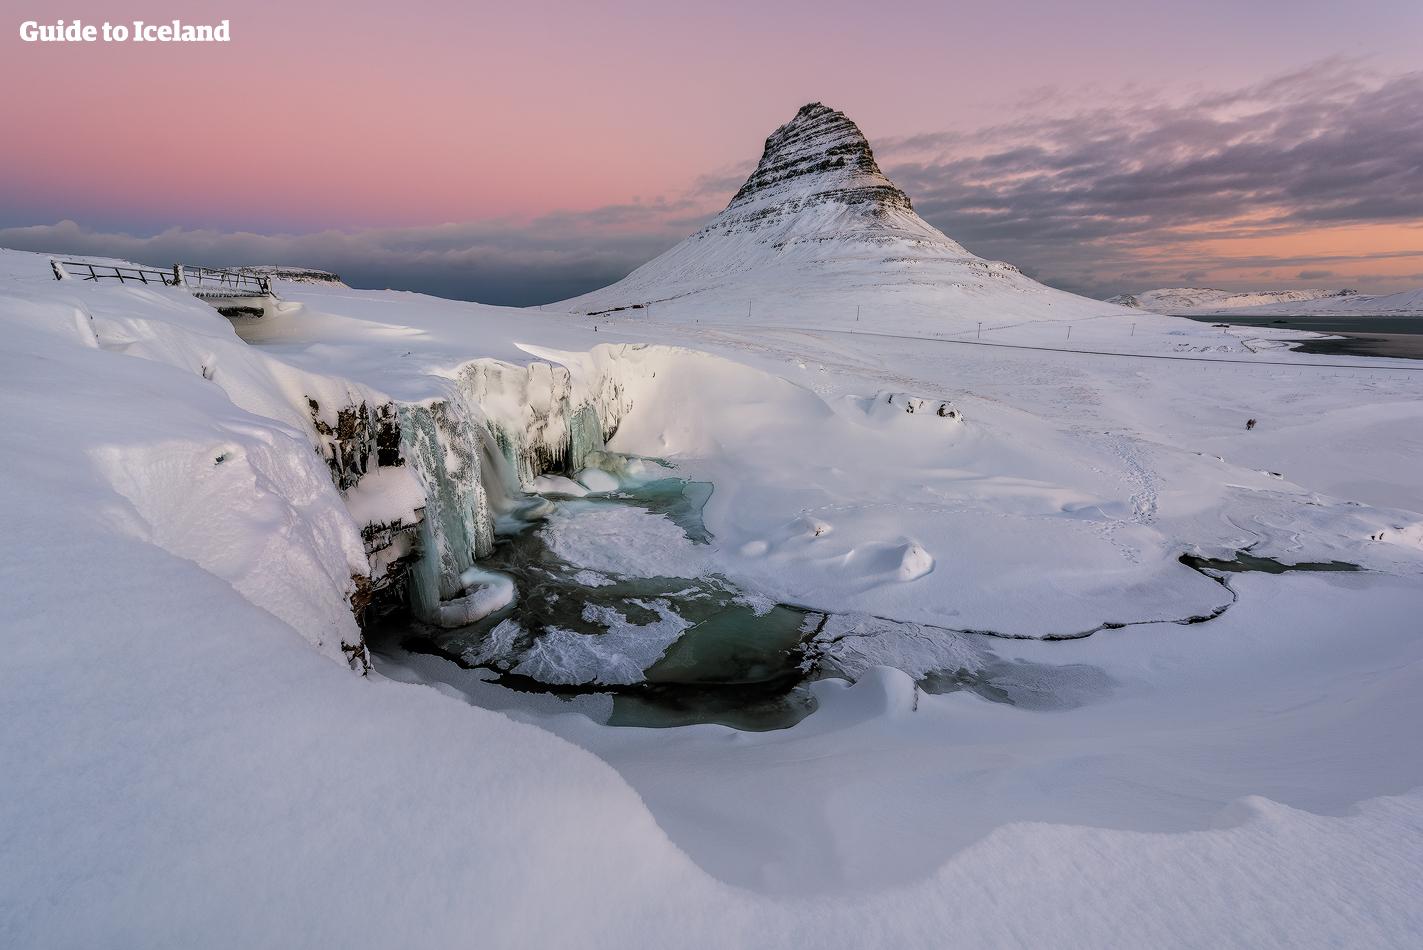 """Полуостров Снайфедльснес, или, как его еще называют, """"Исландия в миниатюре"""", прекрасен в любое время года, но в разгар зимы его пейзажи выглядят чуть более таинственно."""